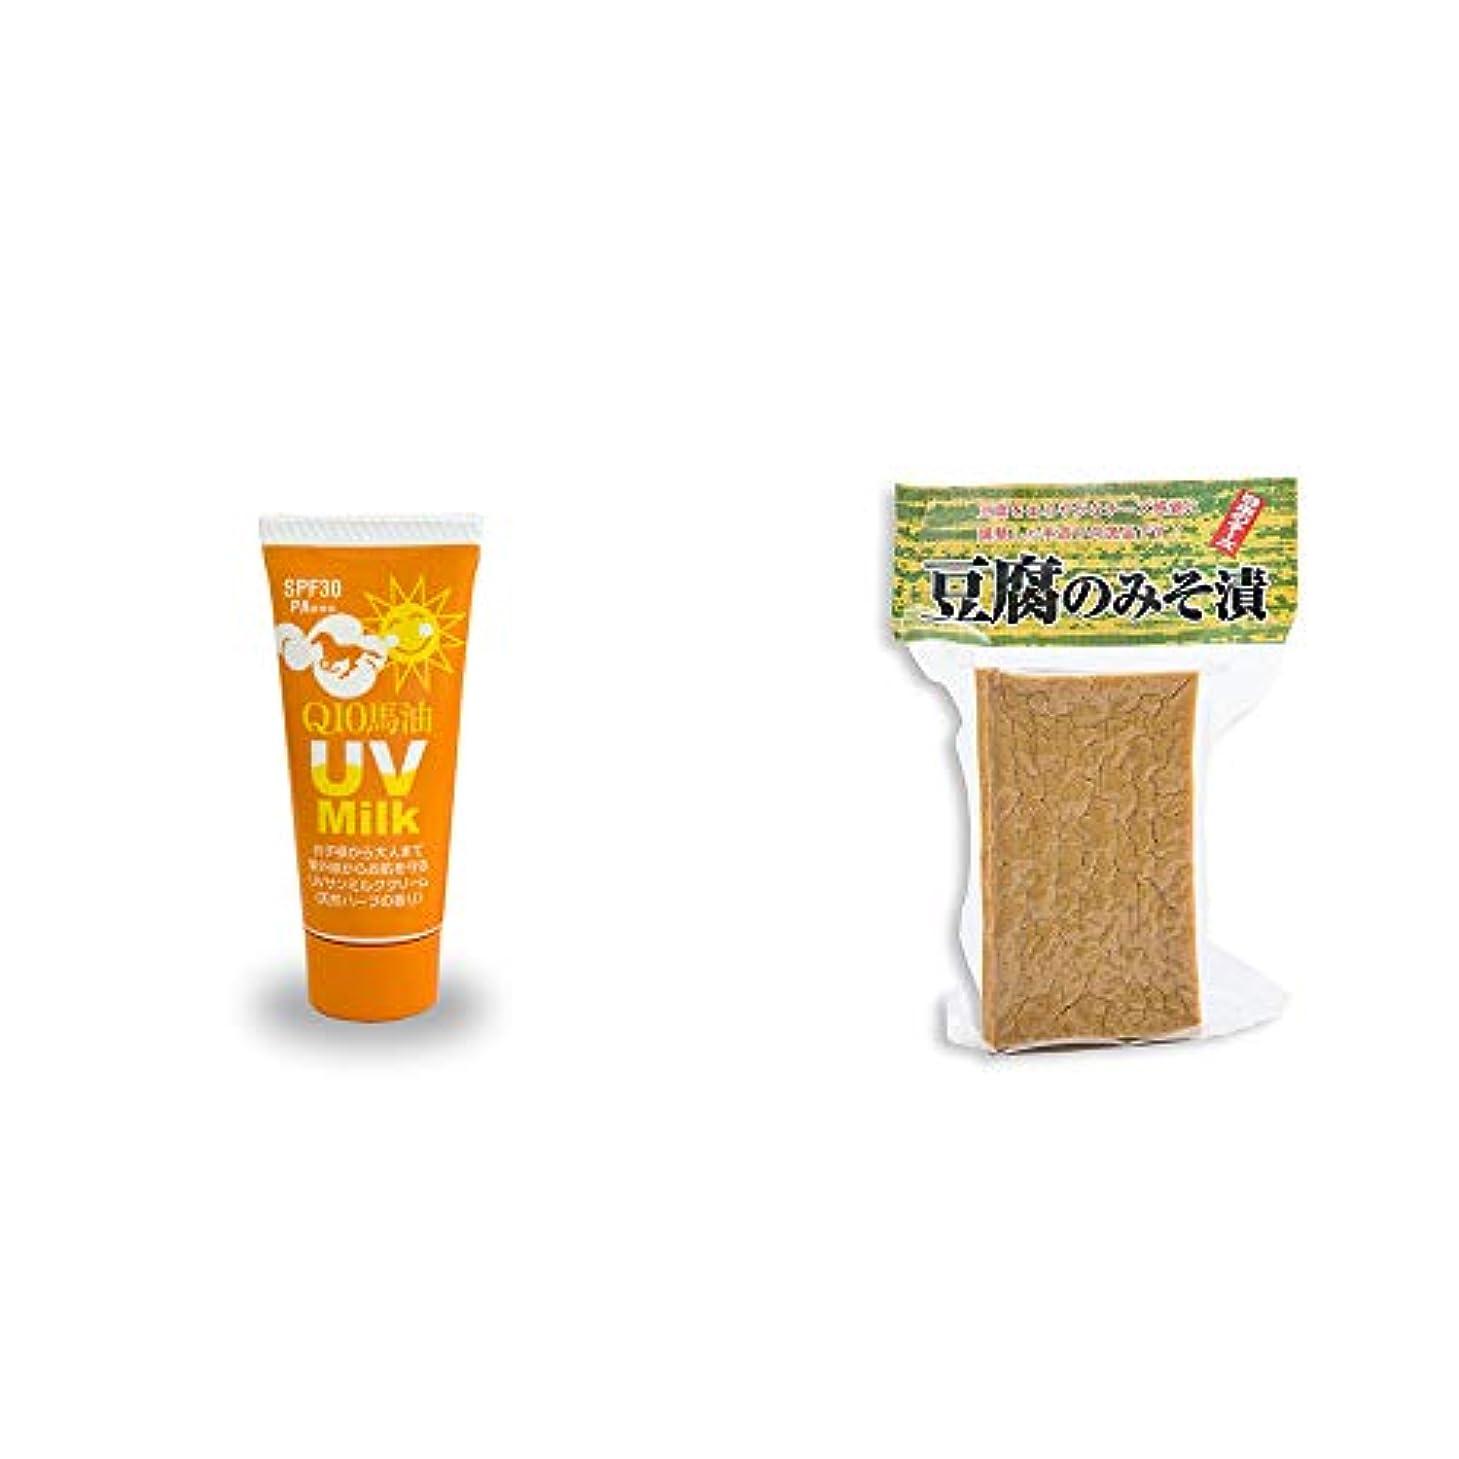 入学する状況打ち負かす[2点セット] 炭黒泉 Q10馬油 UVサンミルク[天然ハーブ](40g)?日本のチーズ 豆腐のみそ漬(1個入)